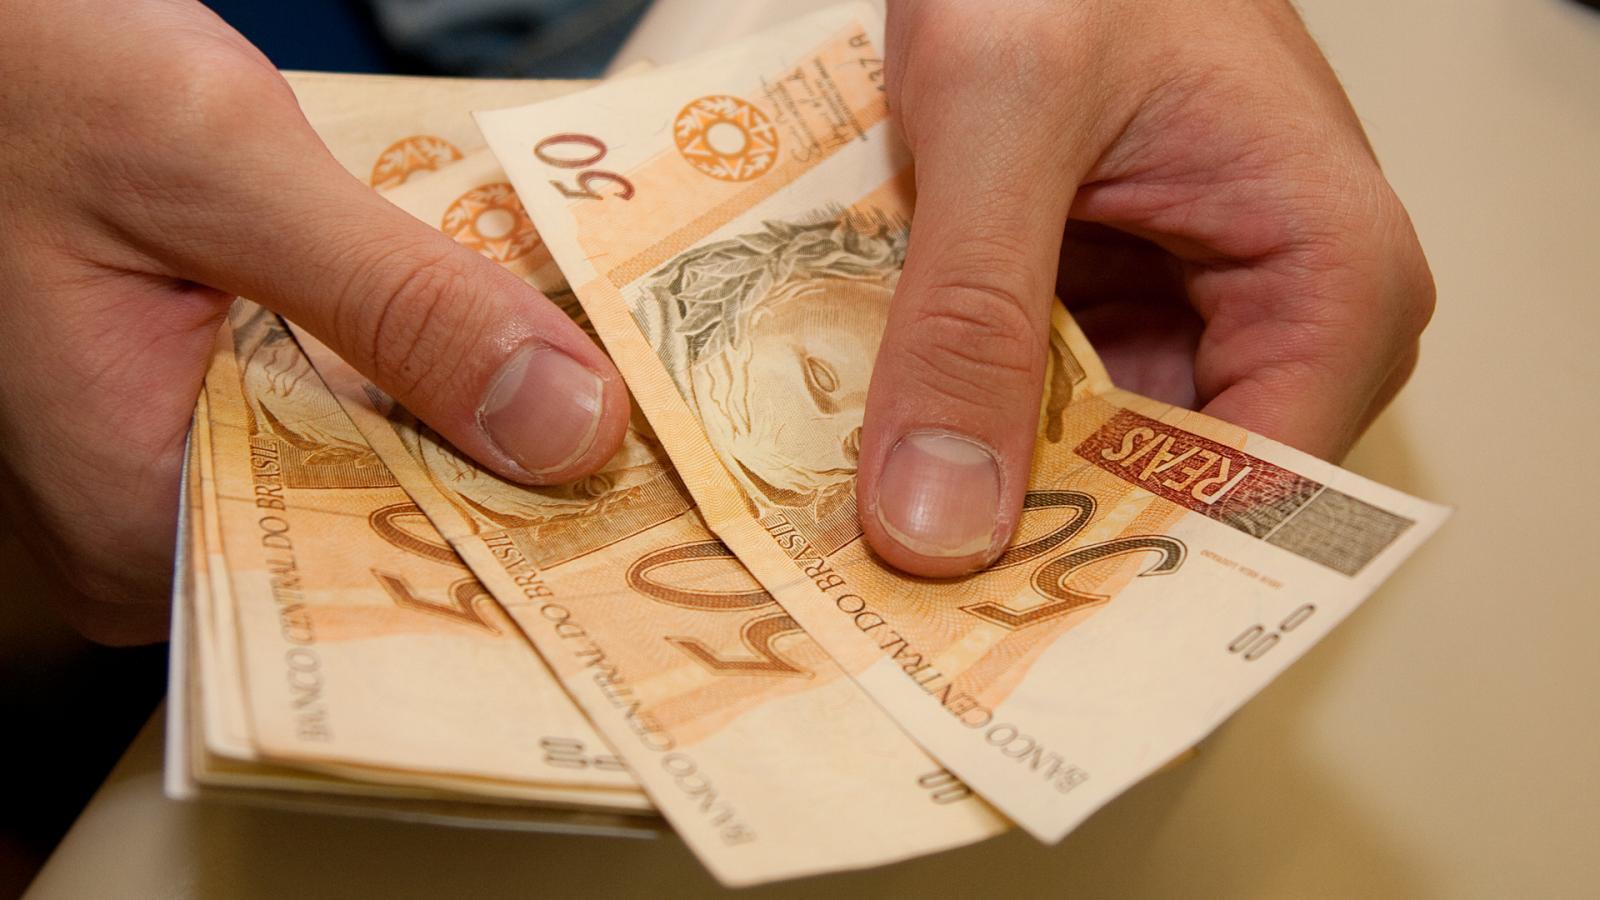 BC exige que bancos registrem pagamento de boleto em espécie